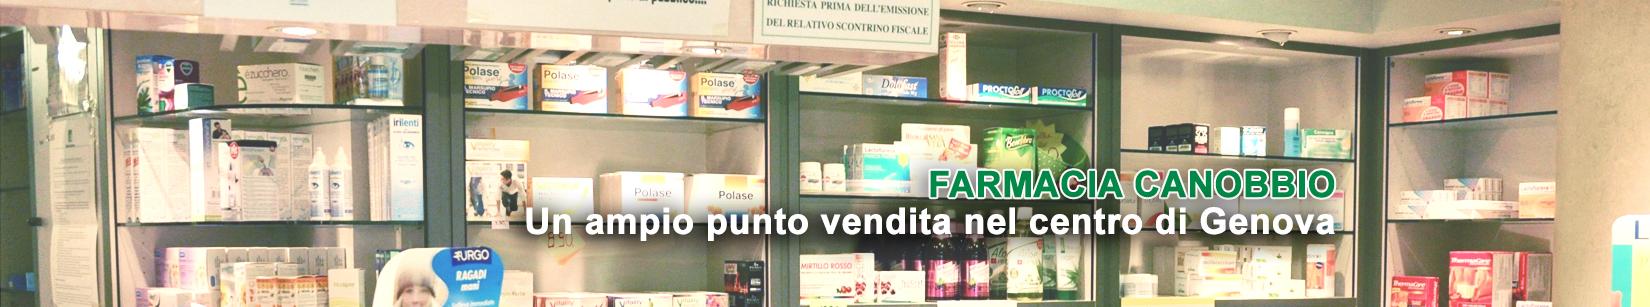 Farmacia Canobbio, un ampio punto vendita nel centro di Genova